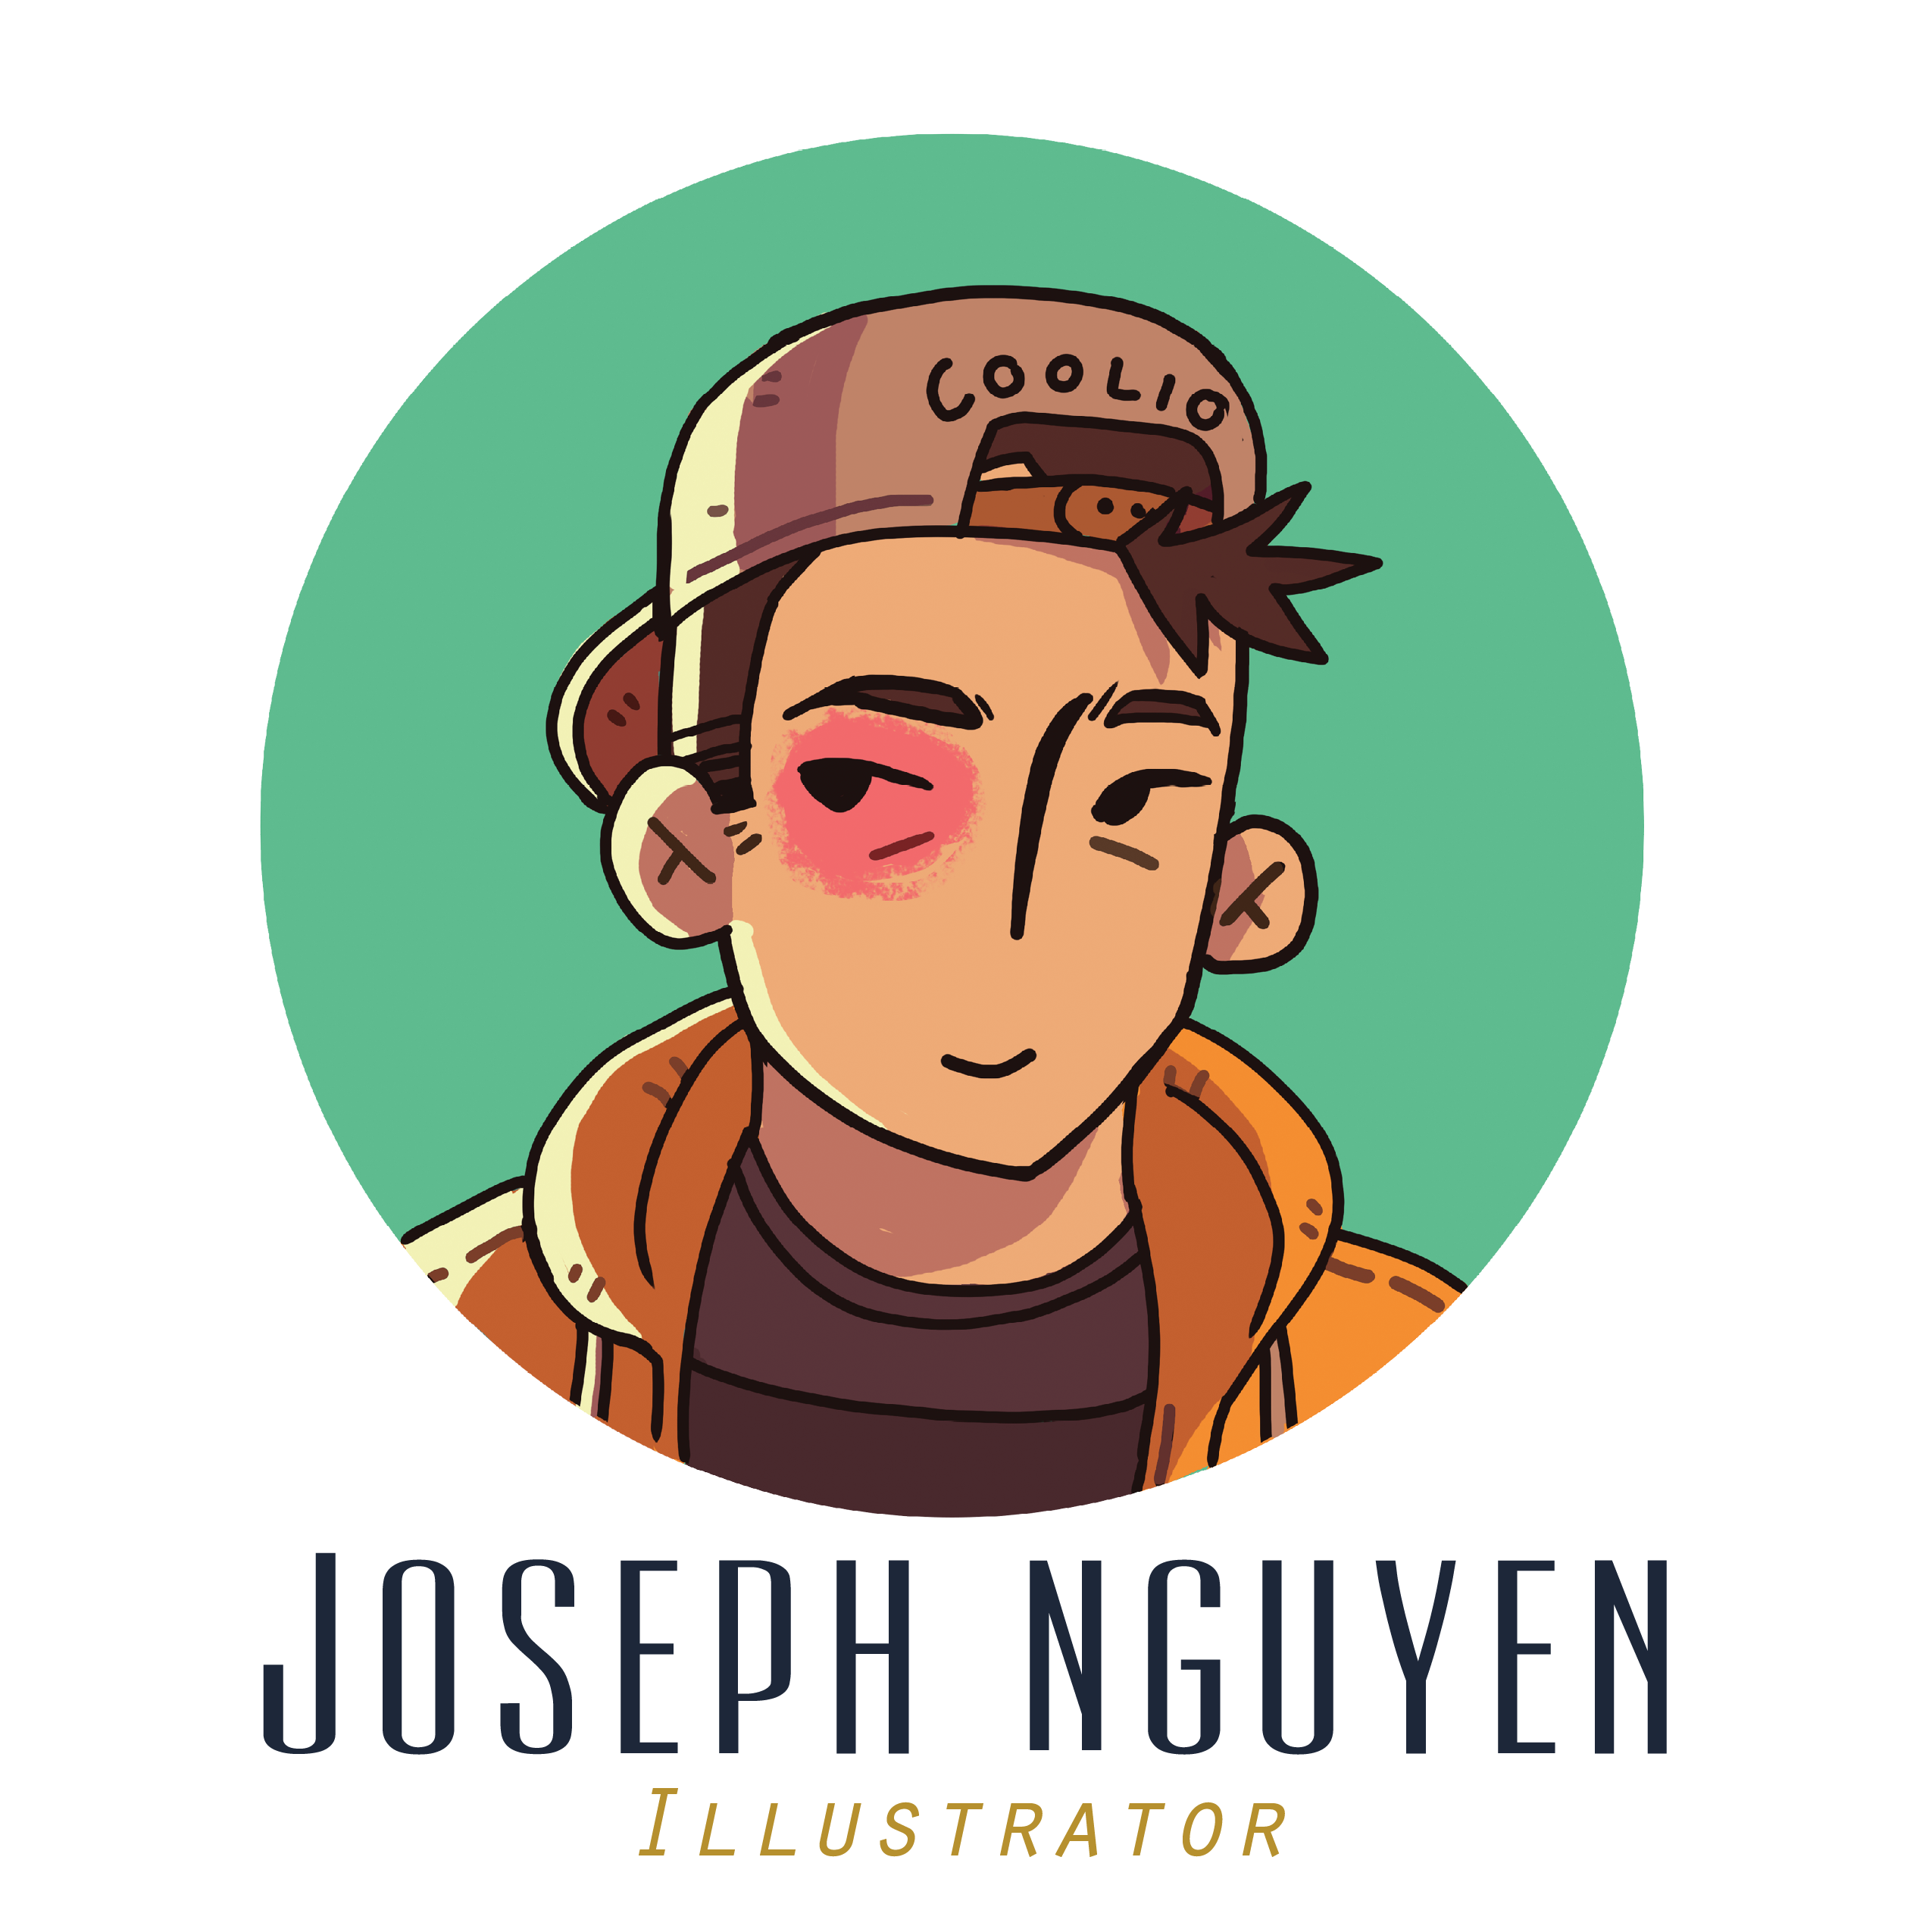 Joseph nguyen freelance illustrator. Diploma clipart honor roll